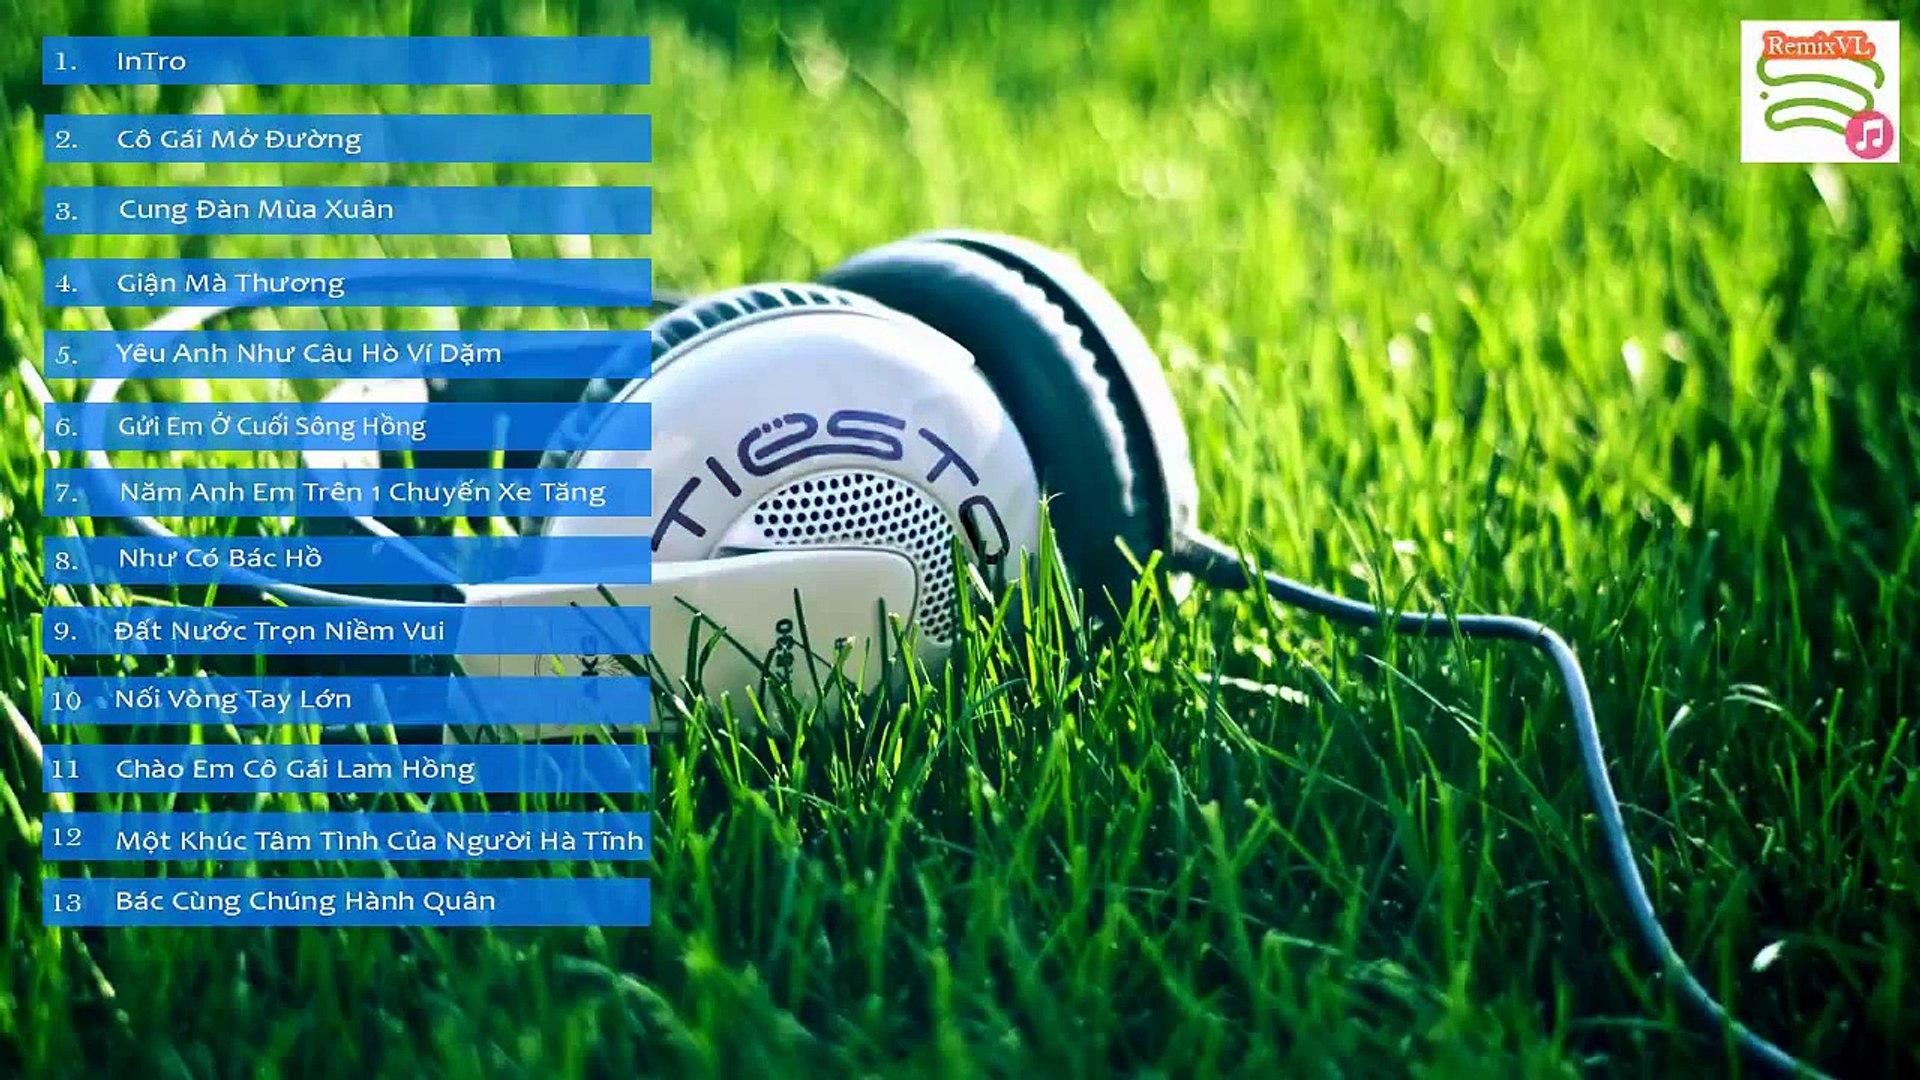 Nhạc Đỏ Remix - Nhạc Remix Vol 1